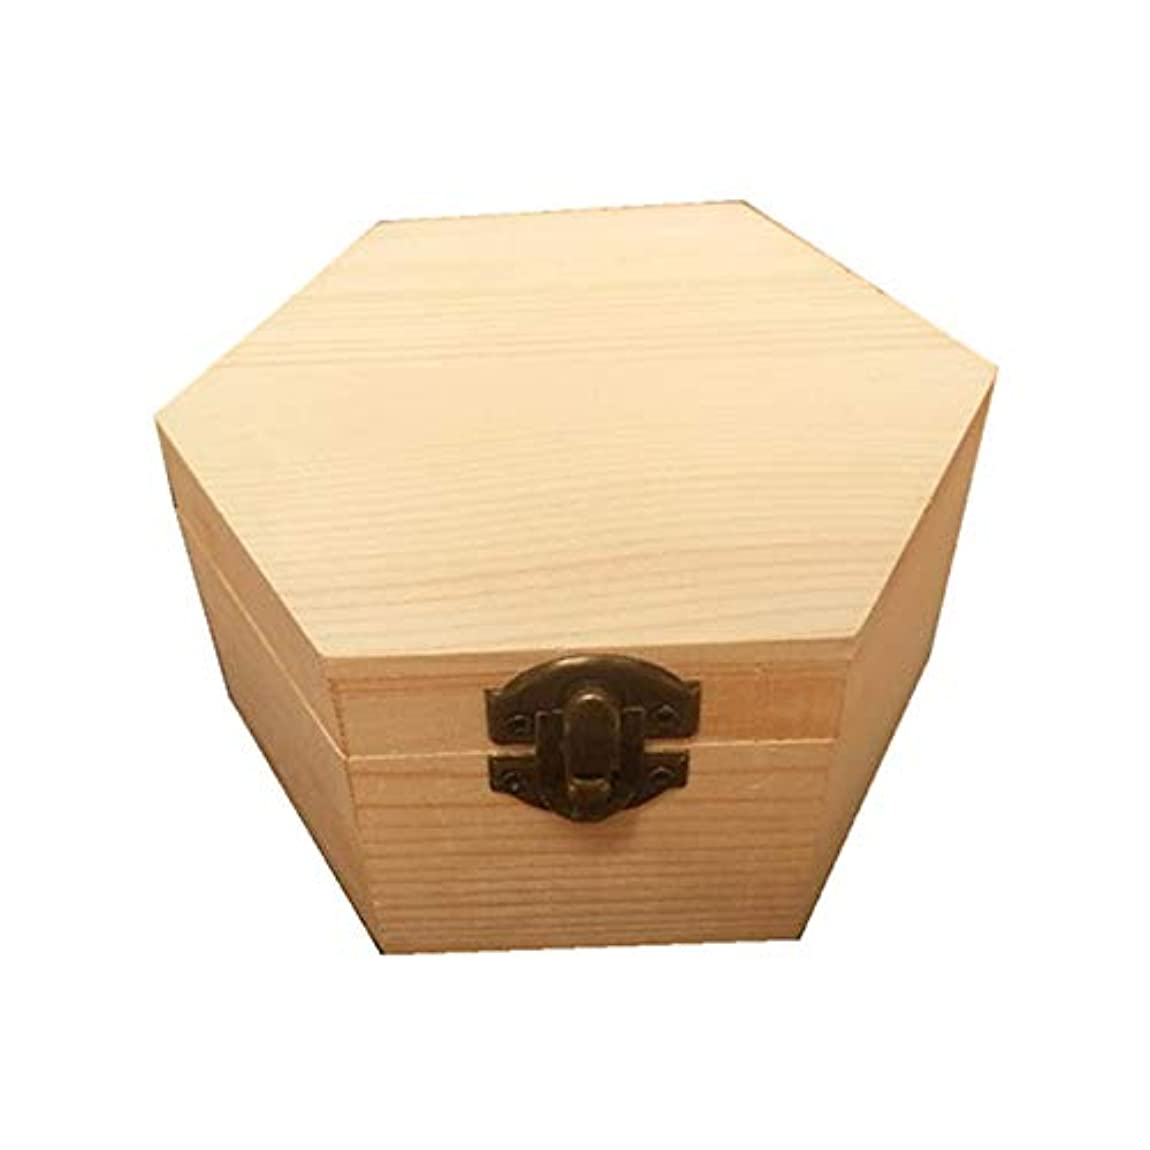 揃える同じ維持するエッセンシャルオイルの保管 手作りの木製ギフトボックスパーフェクトエッセンシャルオイルケースにエッセンシャルオイル (色 : Natural, サイズ : 13X11.3X6.8CM)